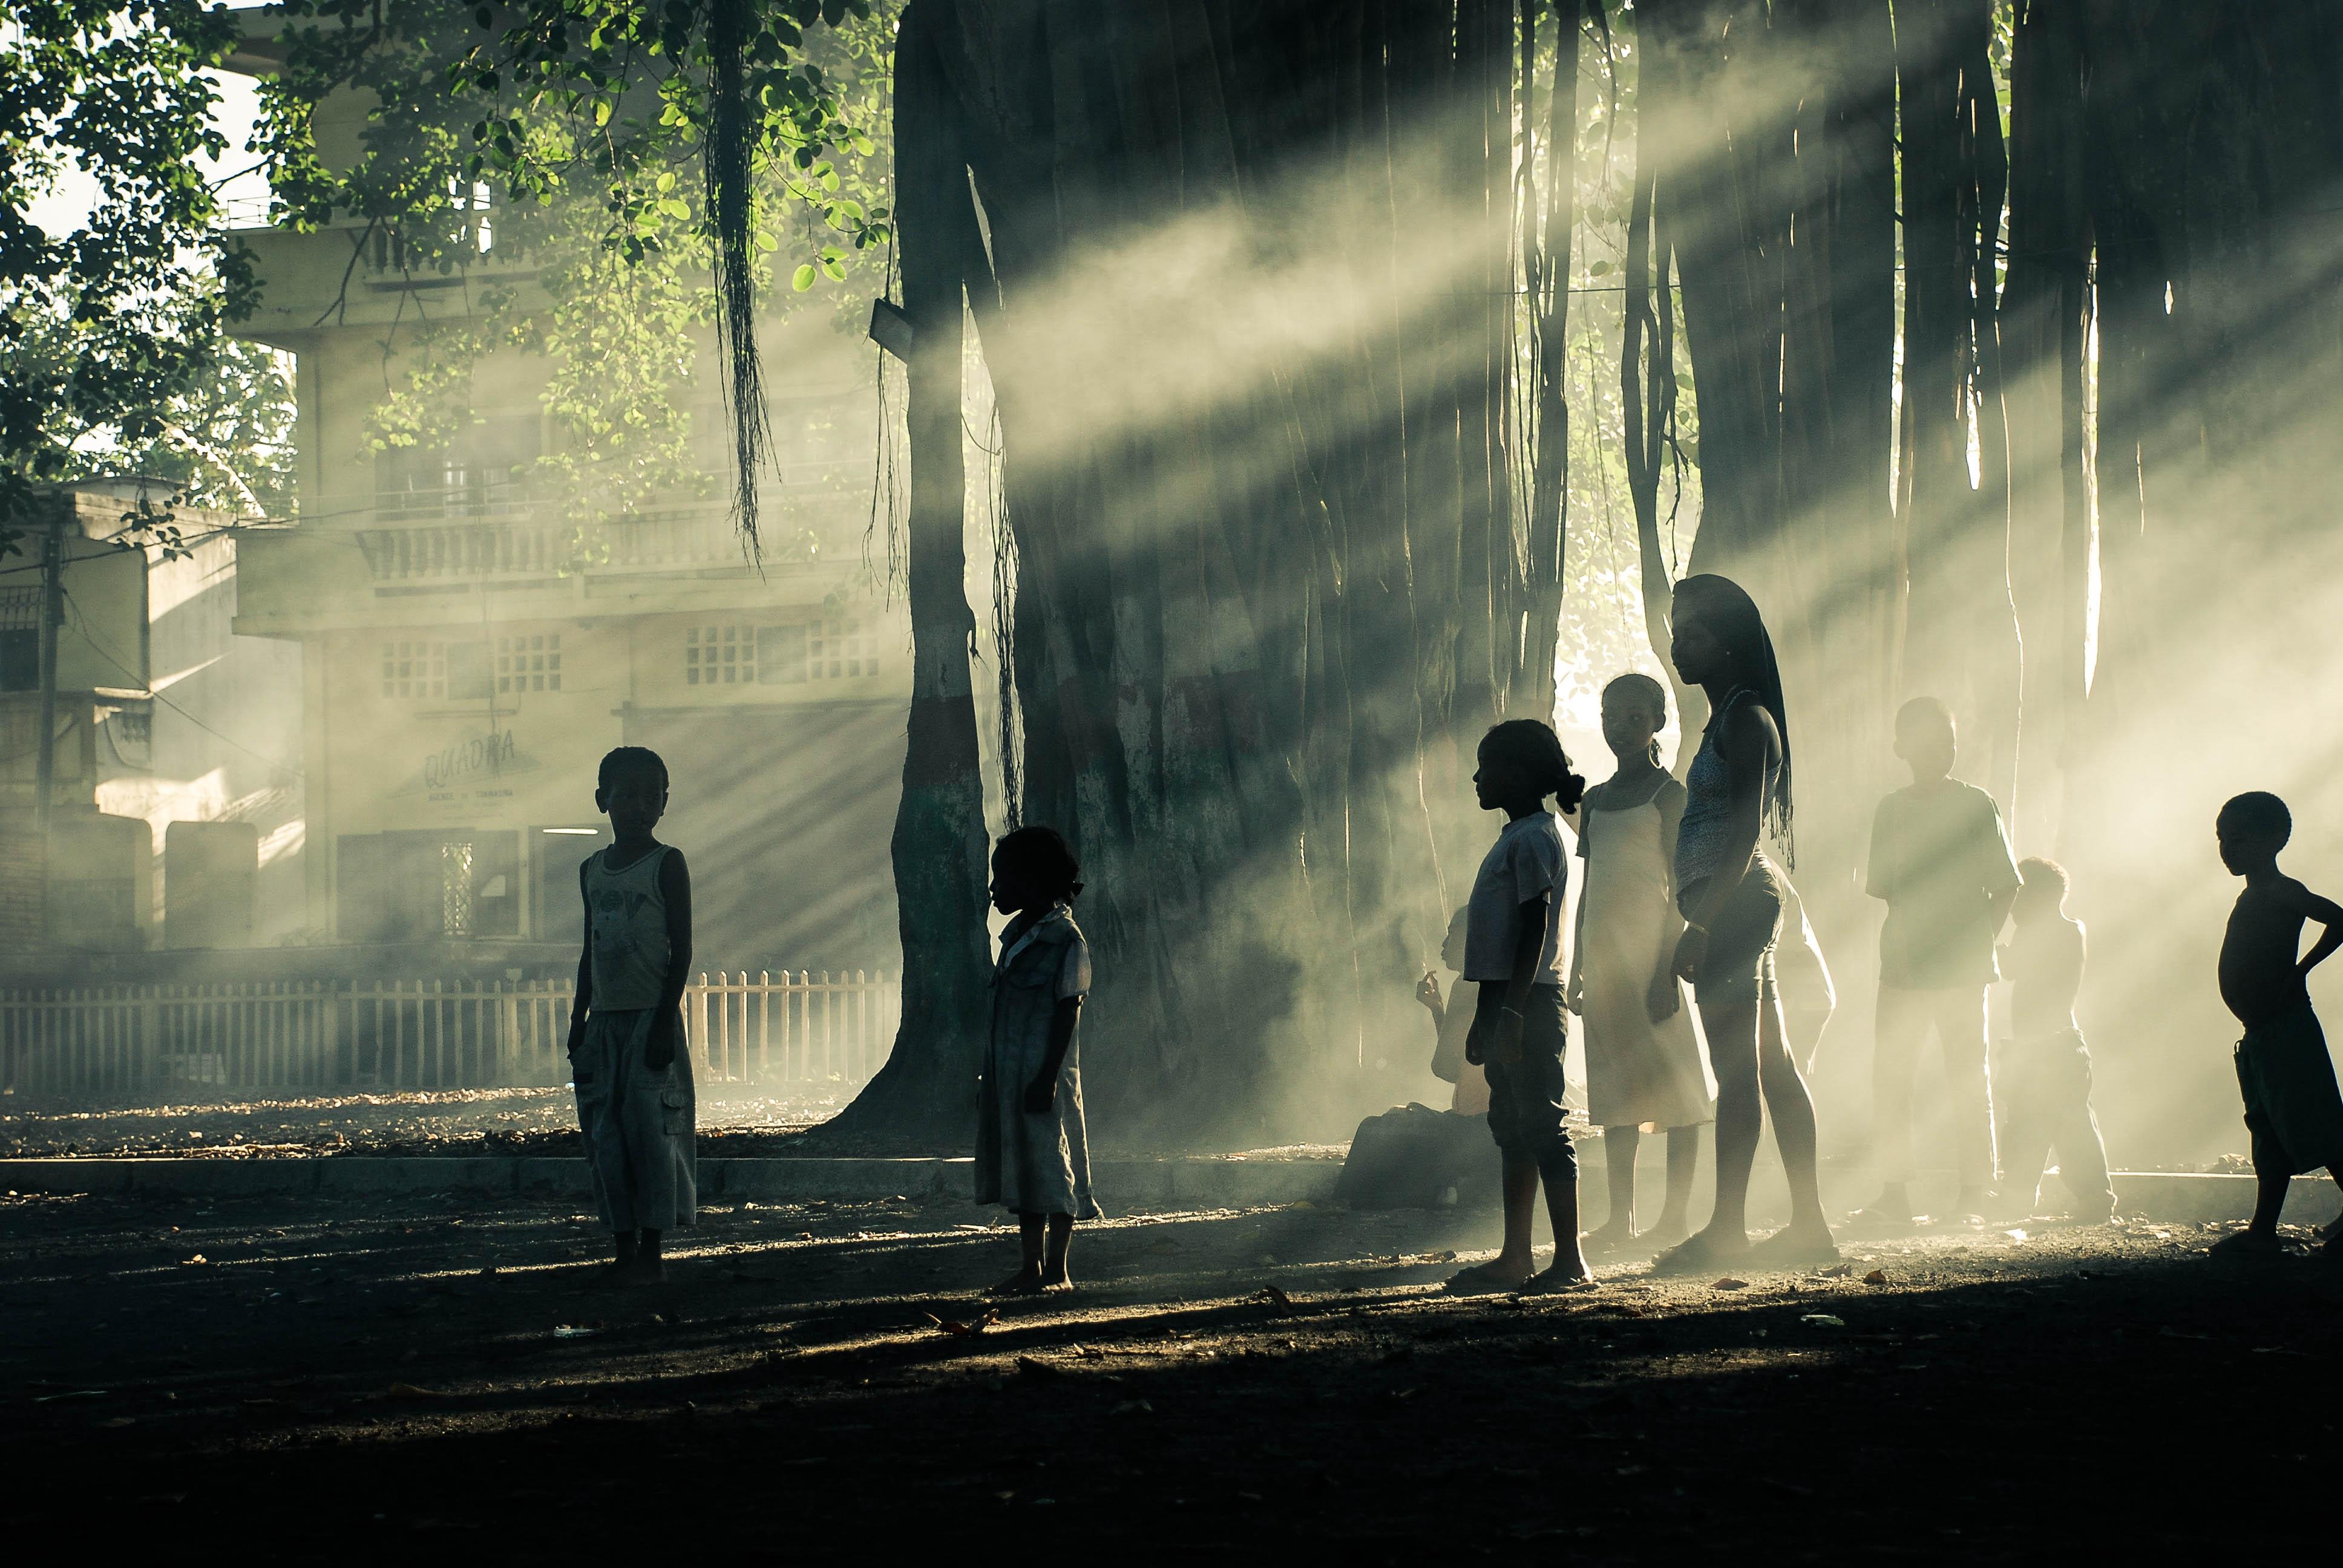 reportage, photo reportage, photographe, laurie diaz, street, rue, street photography, enfants, madagascar, femmes, route, crier, noir et blanc, soleil